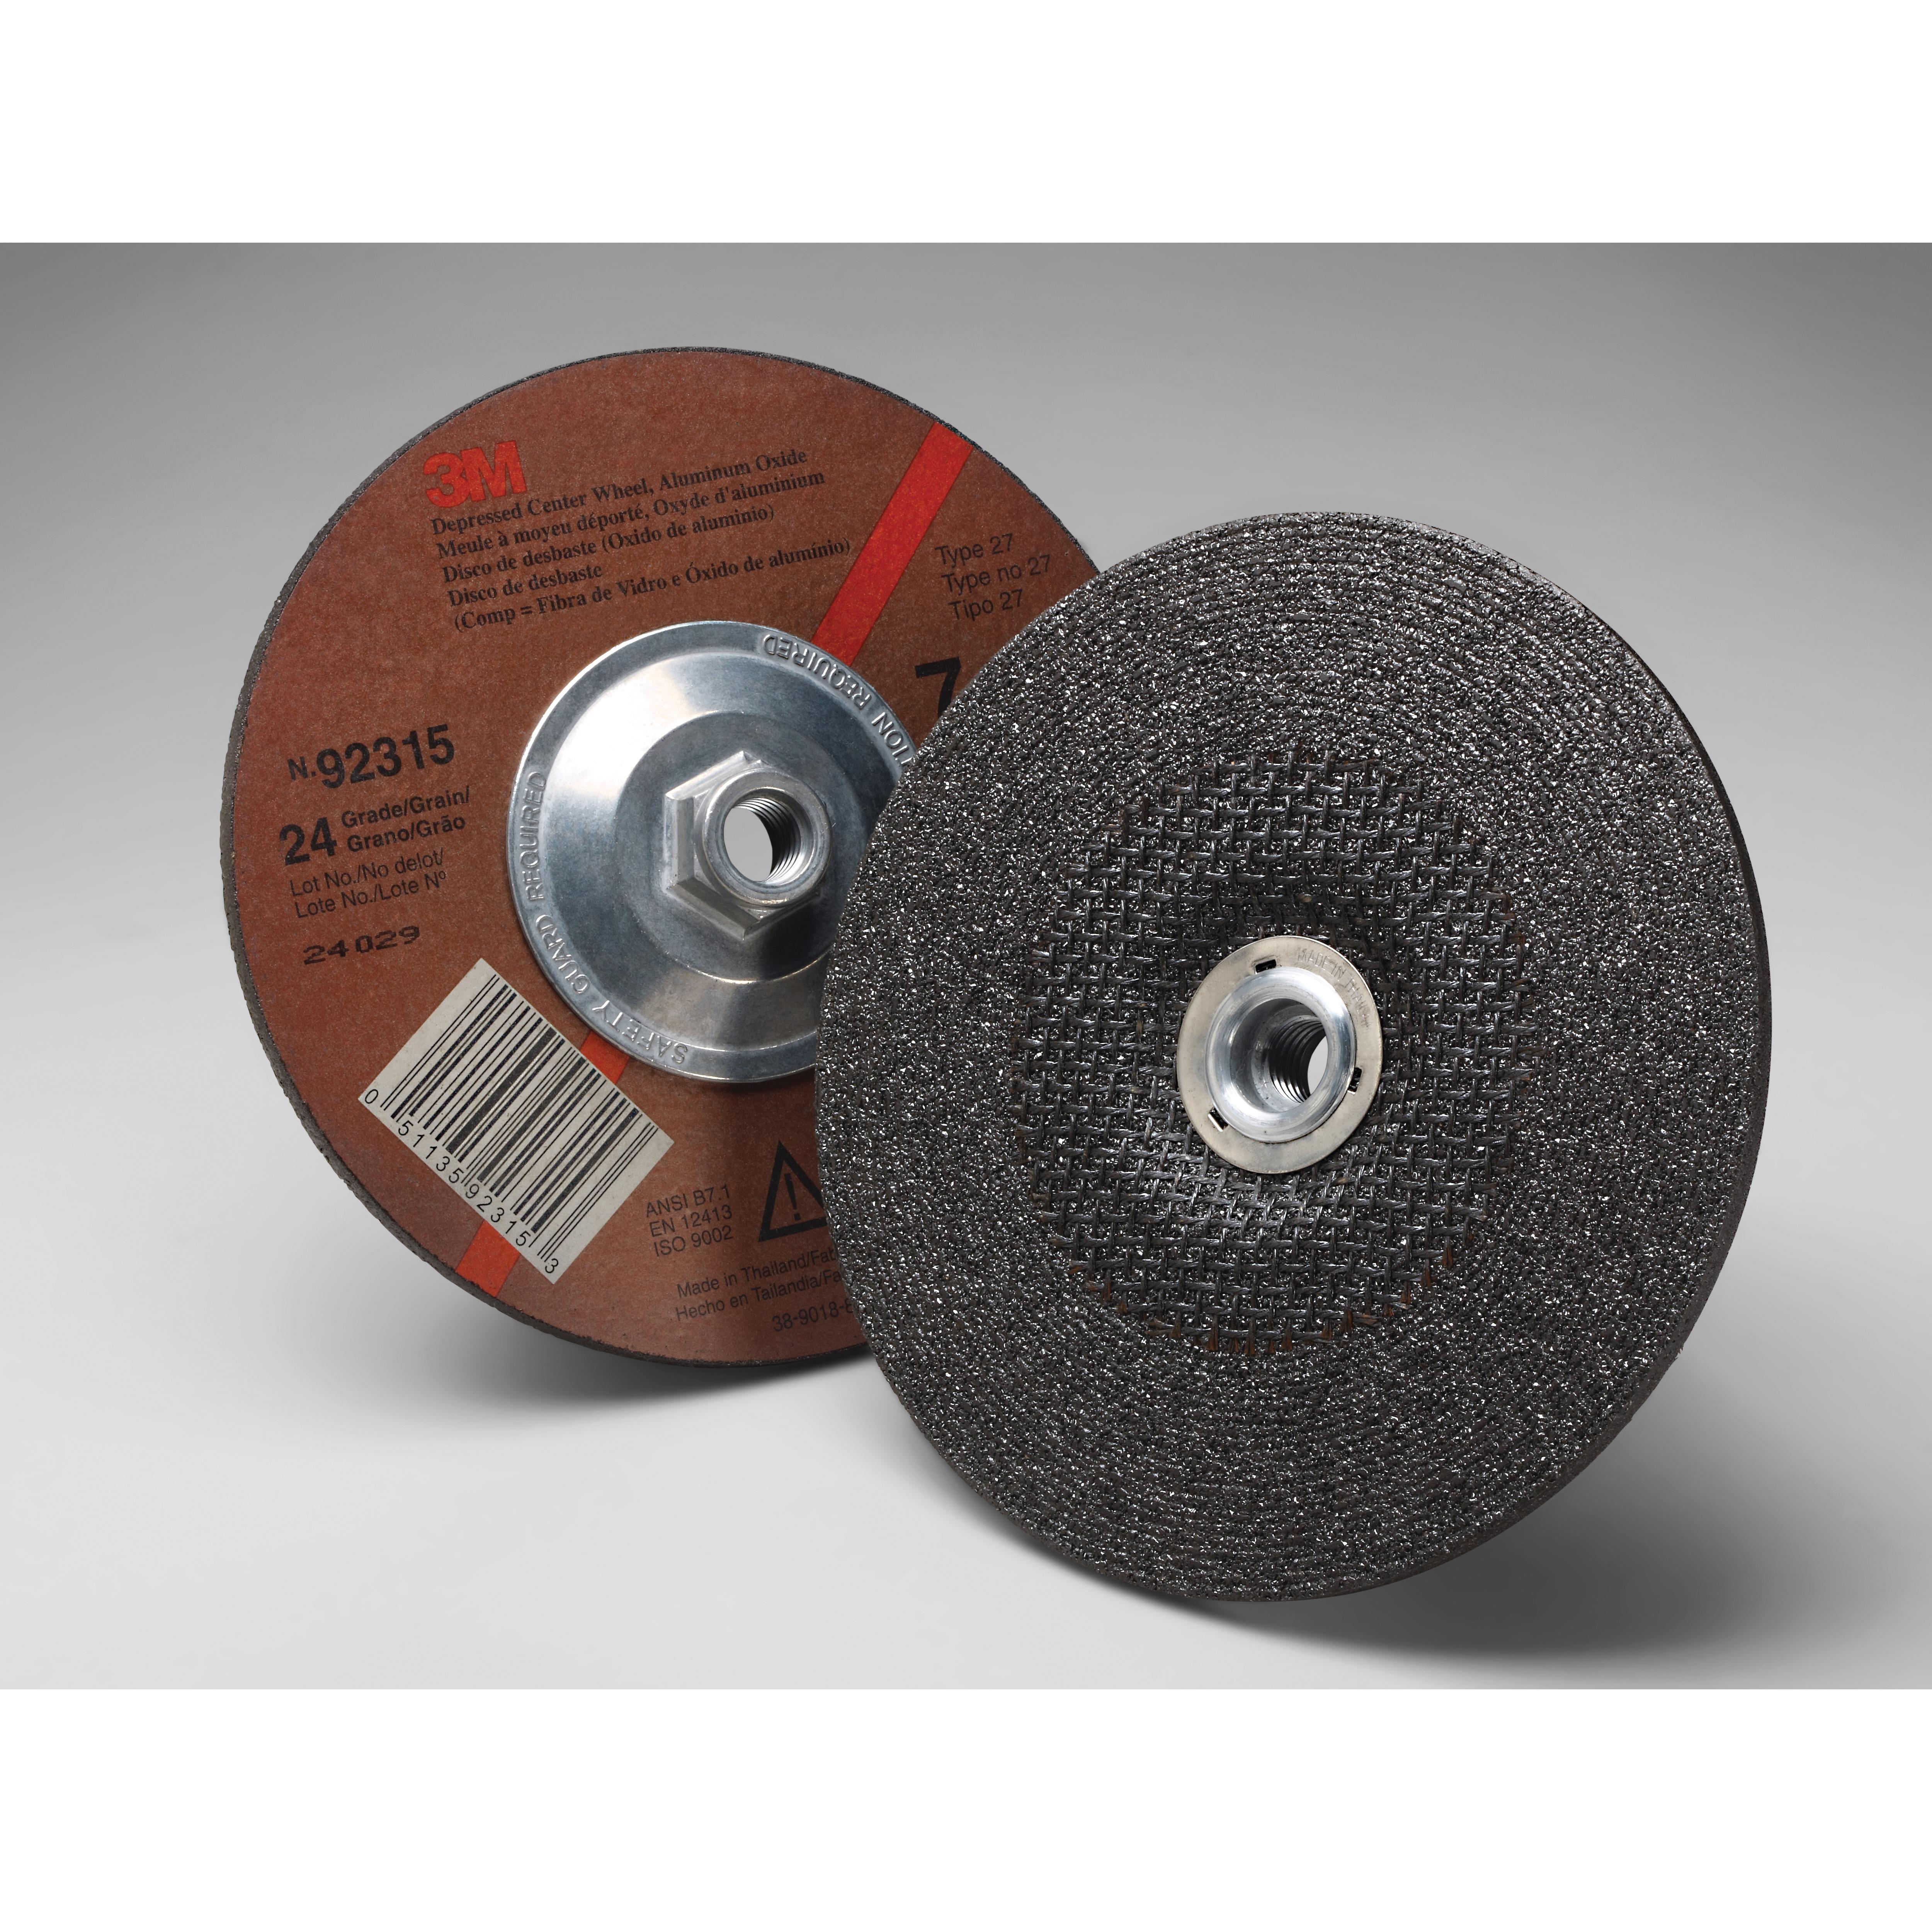 3M™ 051135-92315 General Purpose Depressed Center Wheel, 7 in Dia x 1/4 in THK, 24 Grit, Aluminum Oxide Abrasive